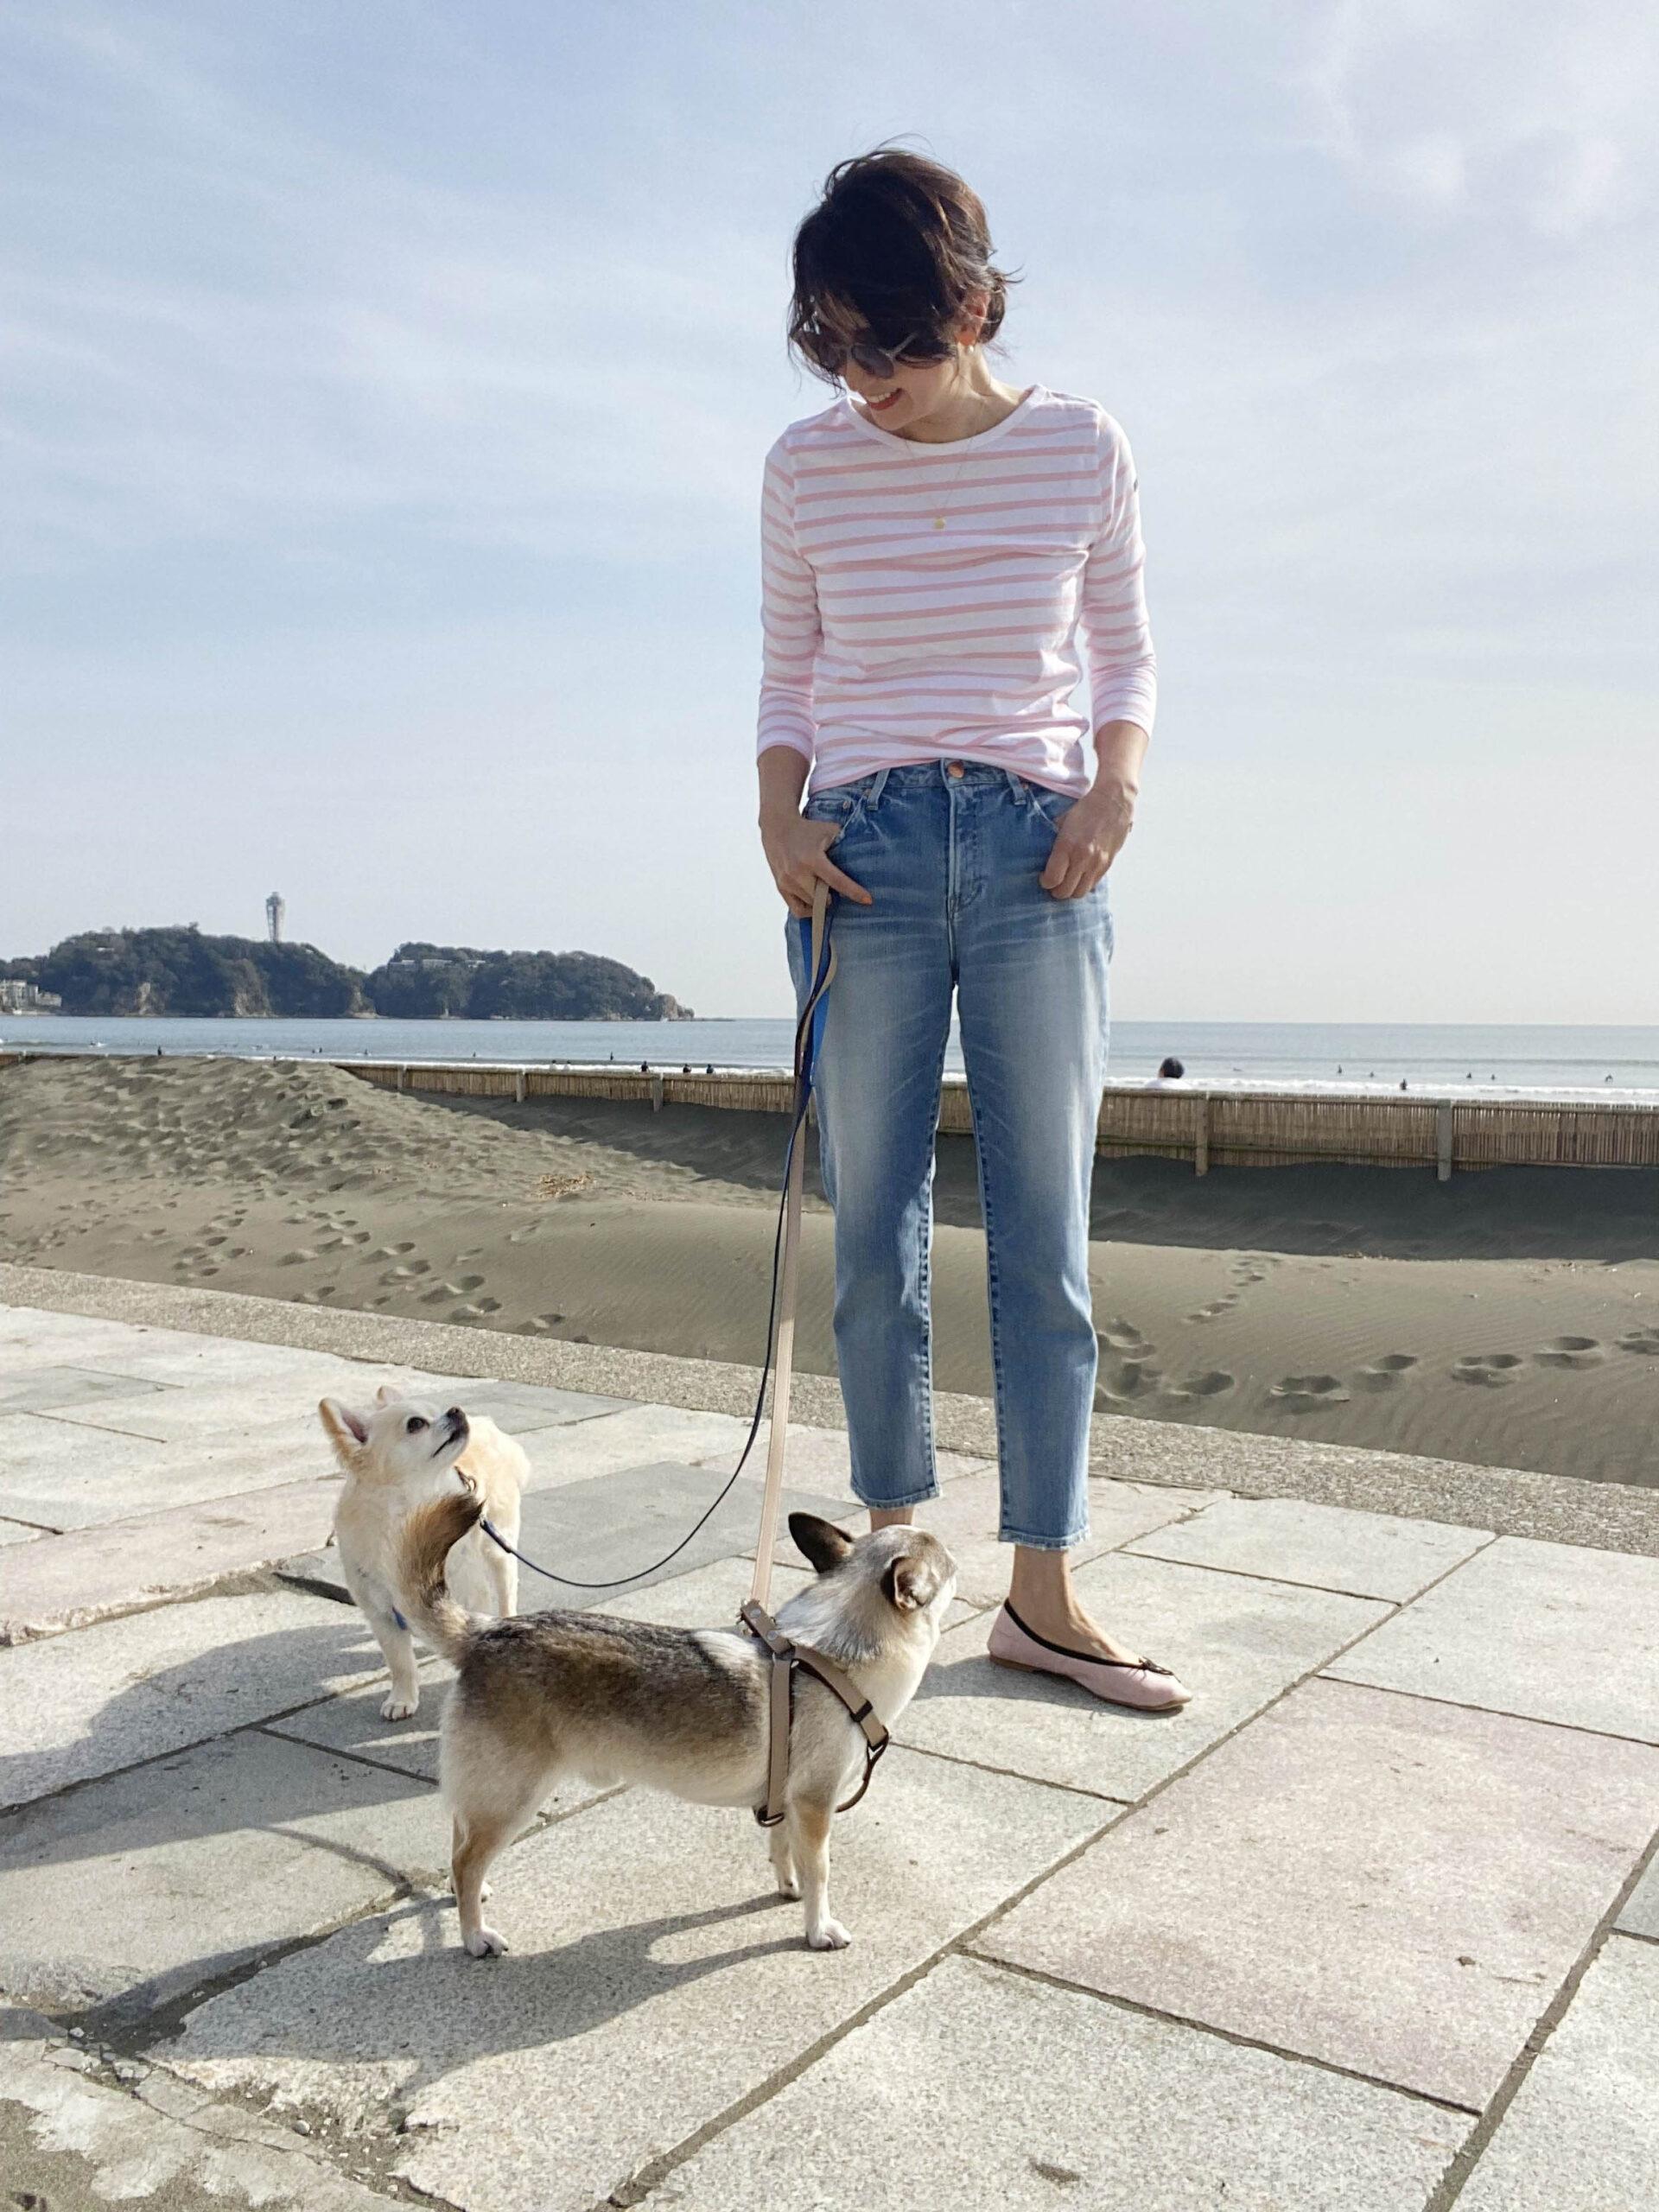 五明祐子氏がモデルとして毎日の中で感じる「Happiness」とは? | 毎日 ...